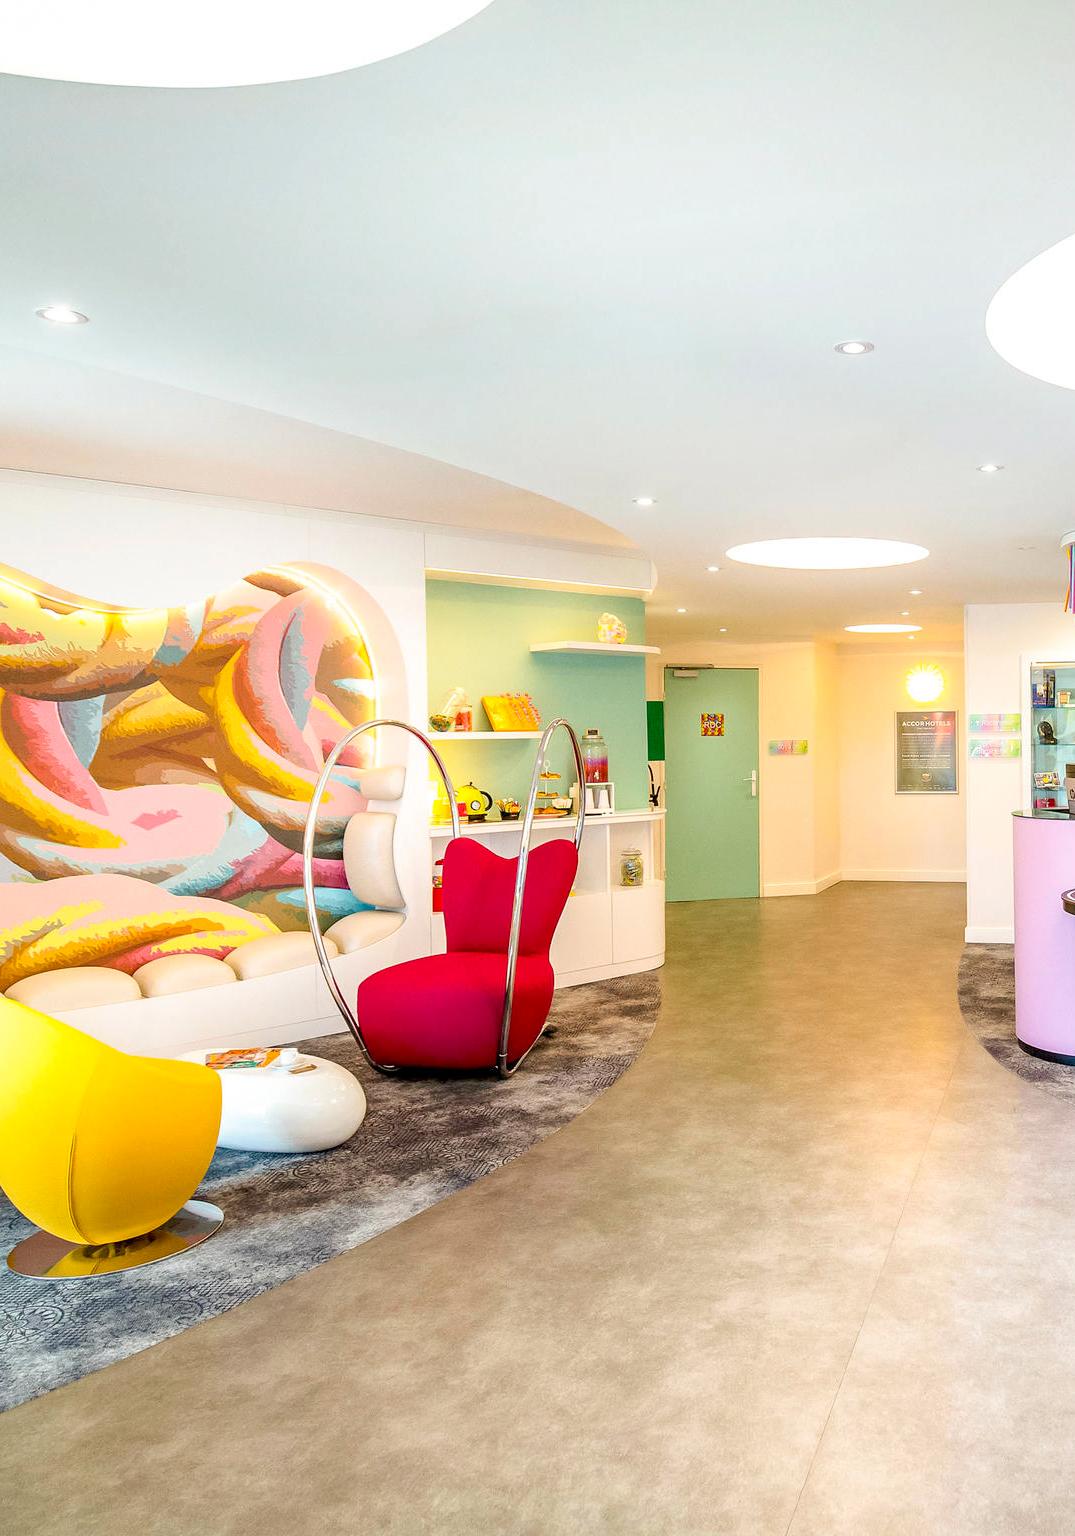 Décoration et ameublement du hall d'accueil, réception de l'hôtel Ibis Styles Fréjus